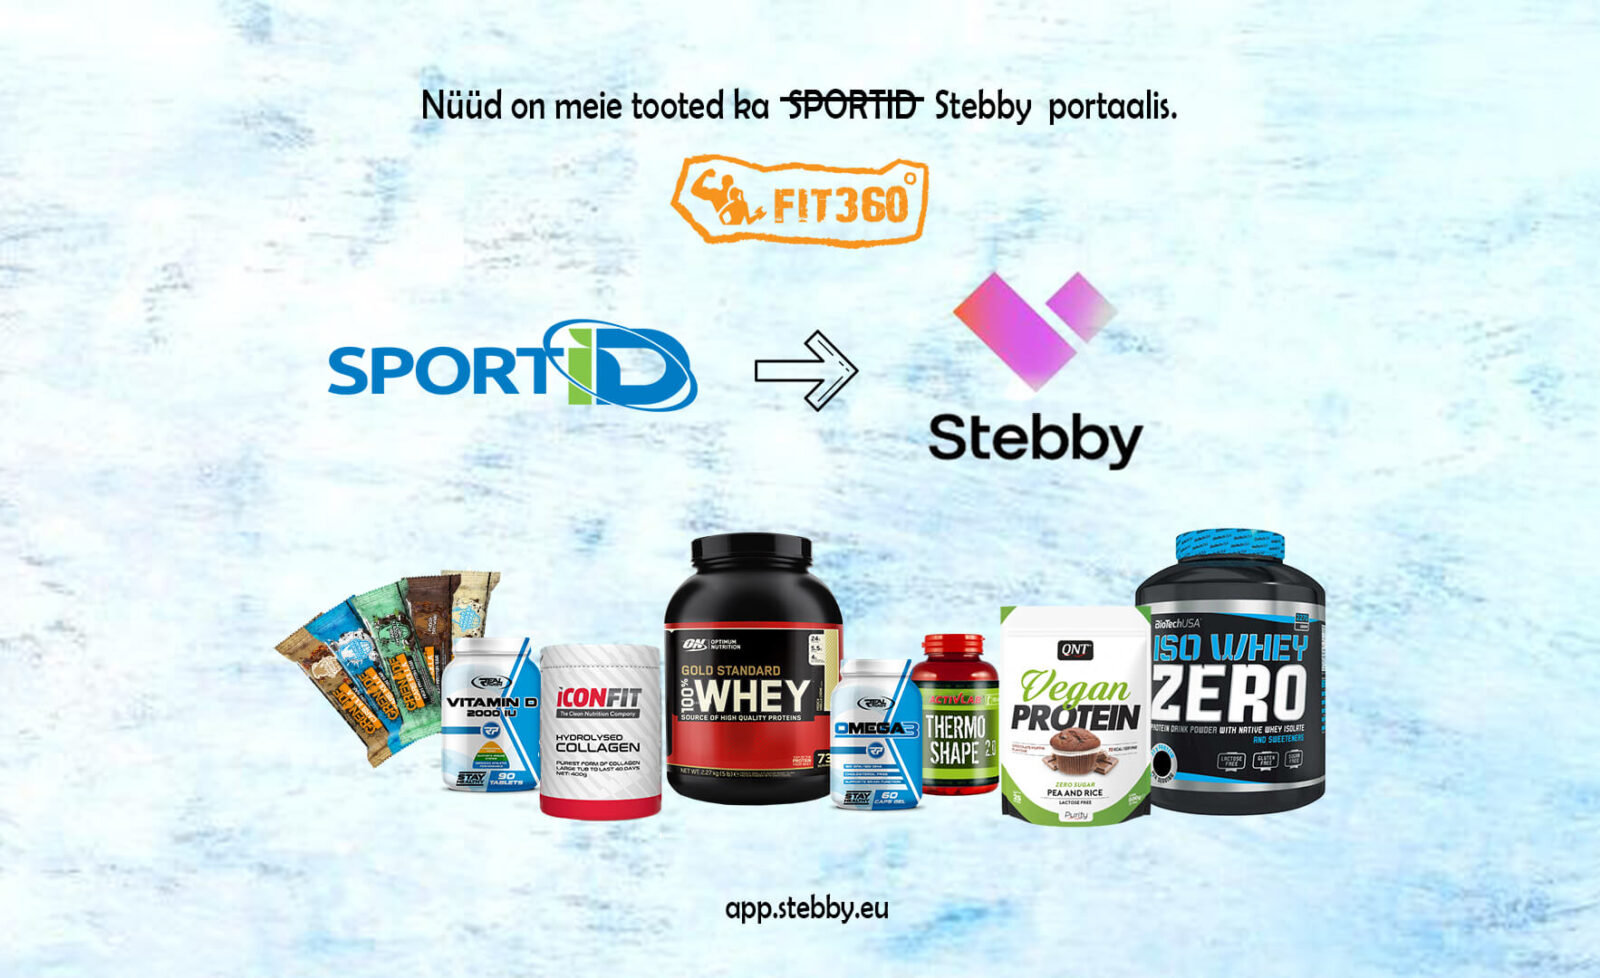 Toidulisandid kollageen stebby sportid proteiinipulber - fit360.ee